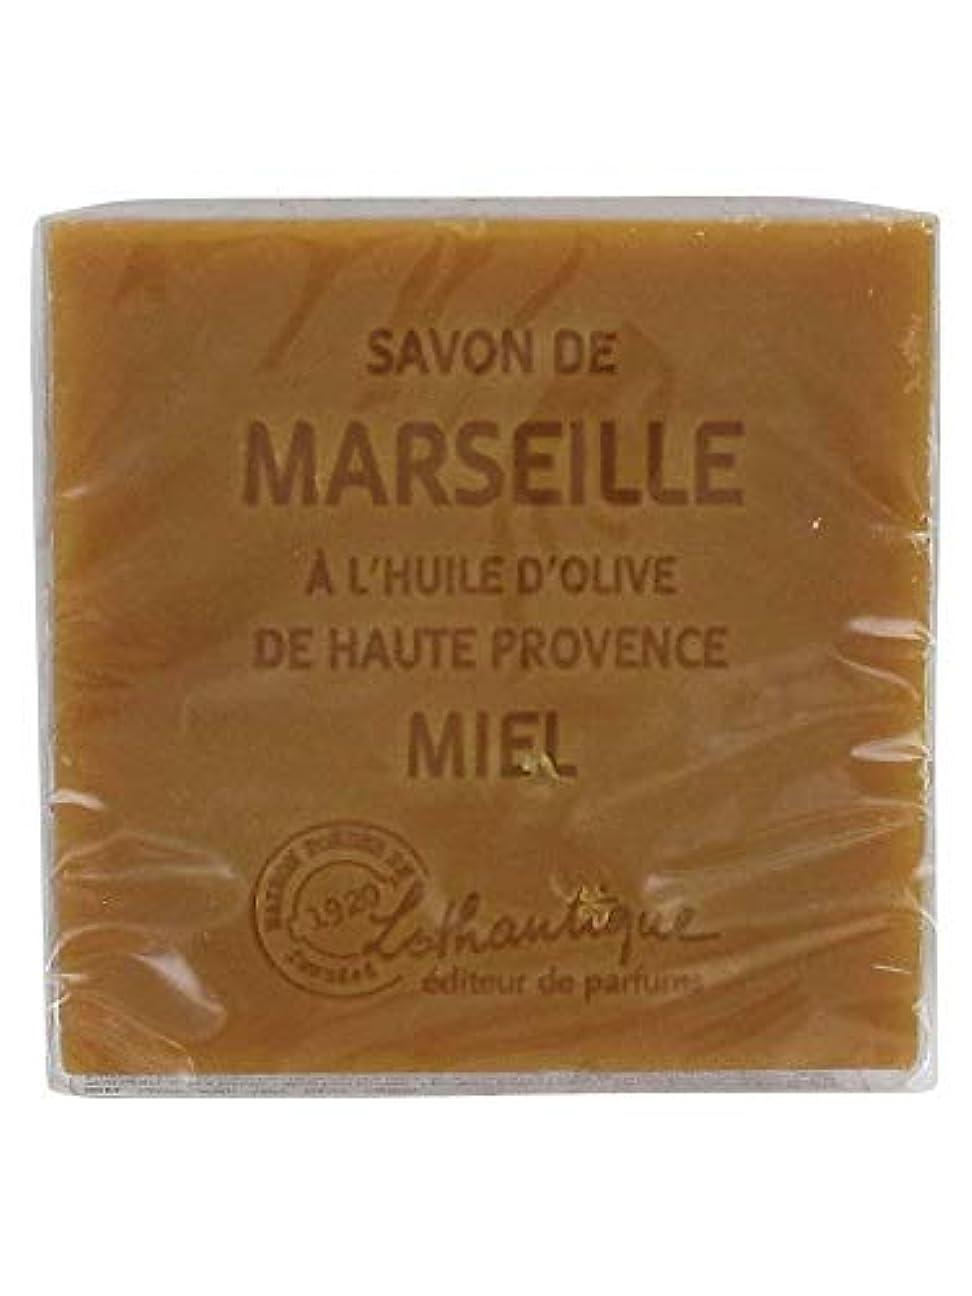 ピアノを弾く価格無駄にLothantique(ロタンティック) Les savons de Marseille(マルセイユソープ) マルセイユソープ 100g 「ハニー」 3420070038074